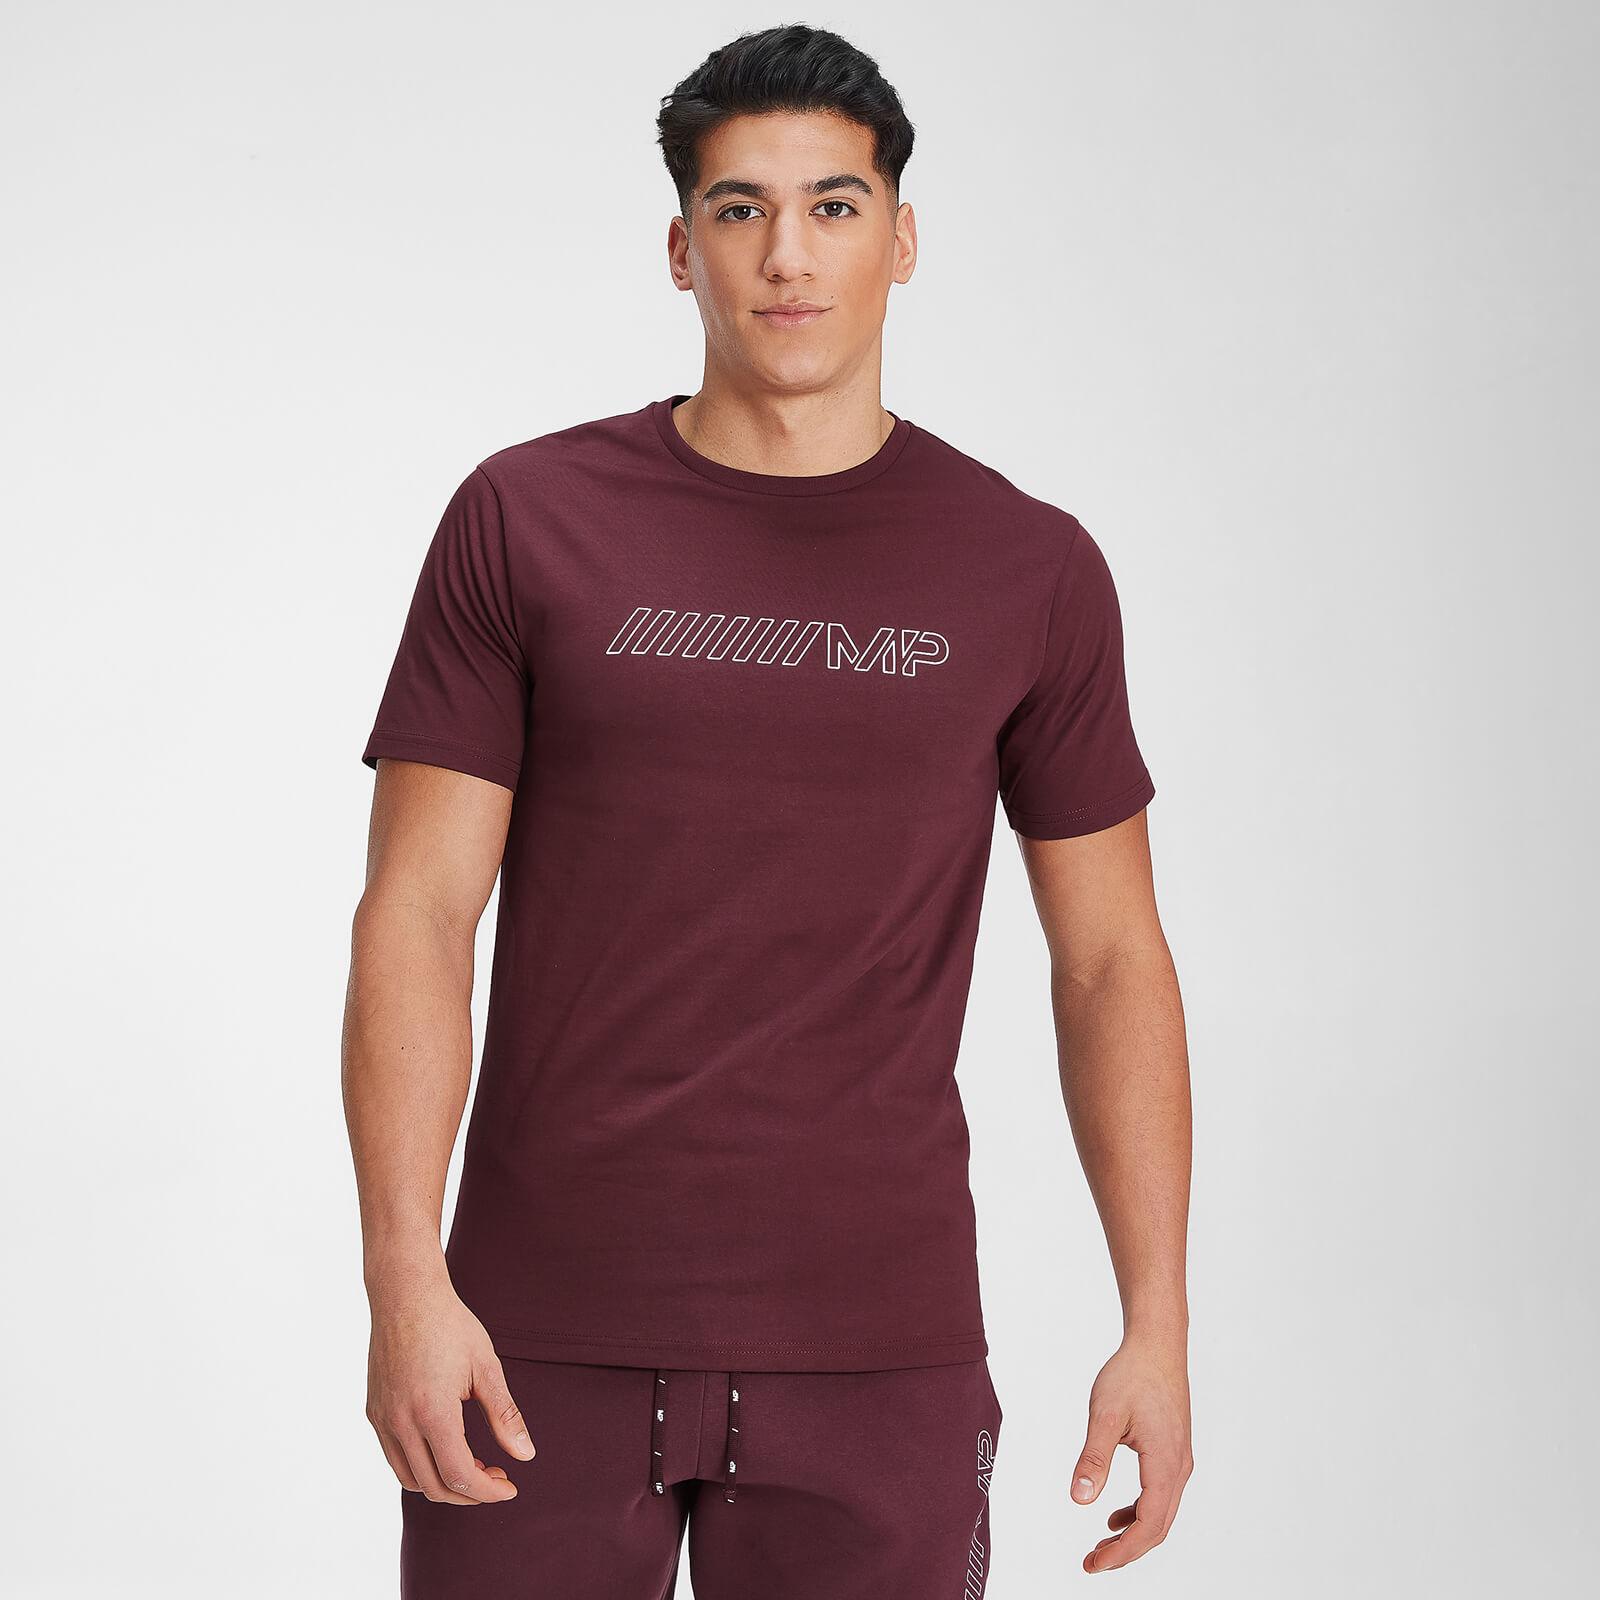 Купить MP Men's Outline Graphic Short Sleeve T-Shirt - Washed Oxblood - XXXL, Myprotein International